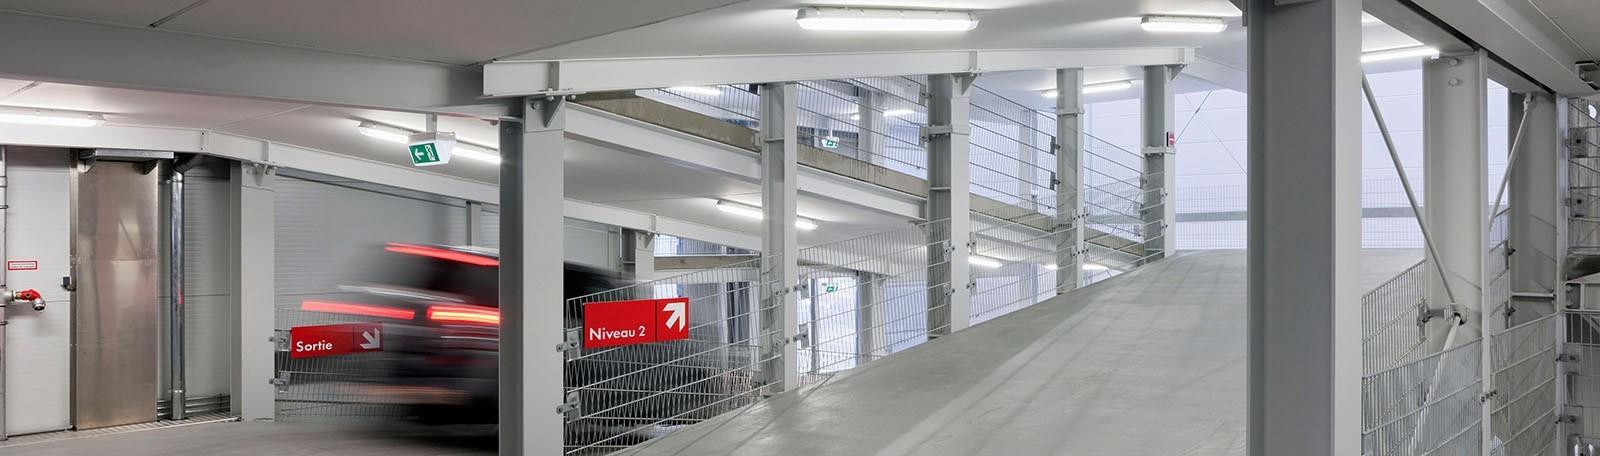 Réservation parking Hôtel de Ville Centre Ville Boulogne-Billancourt